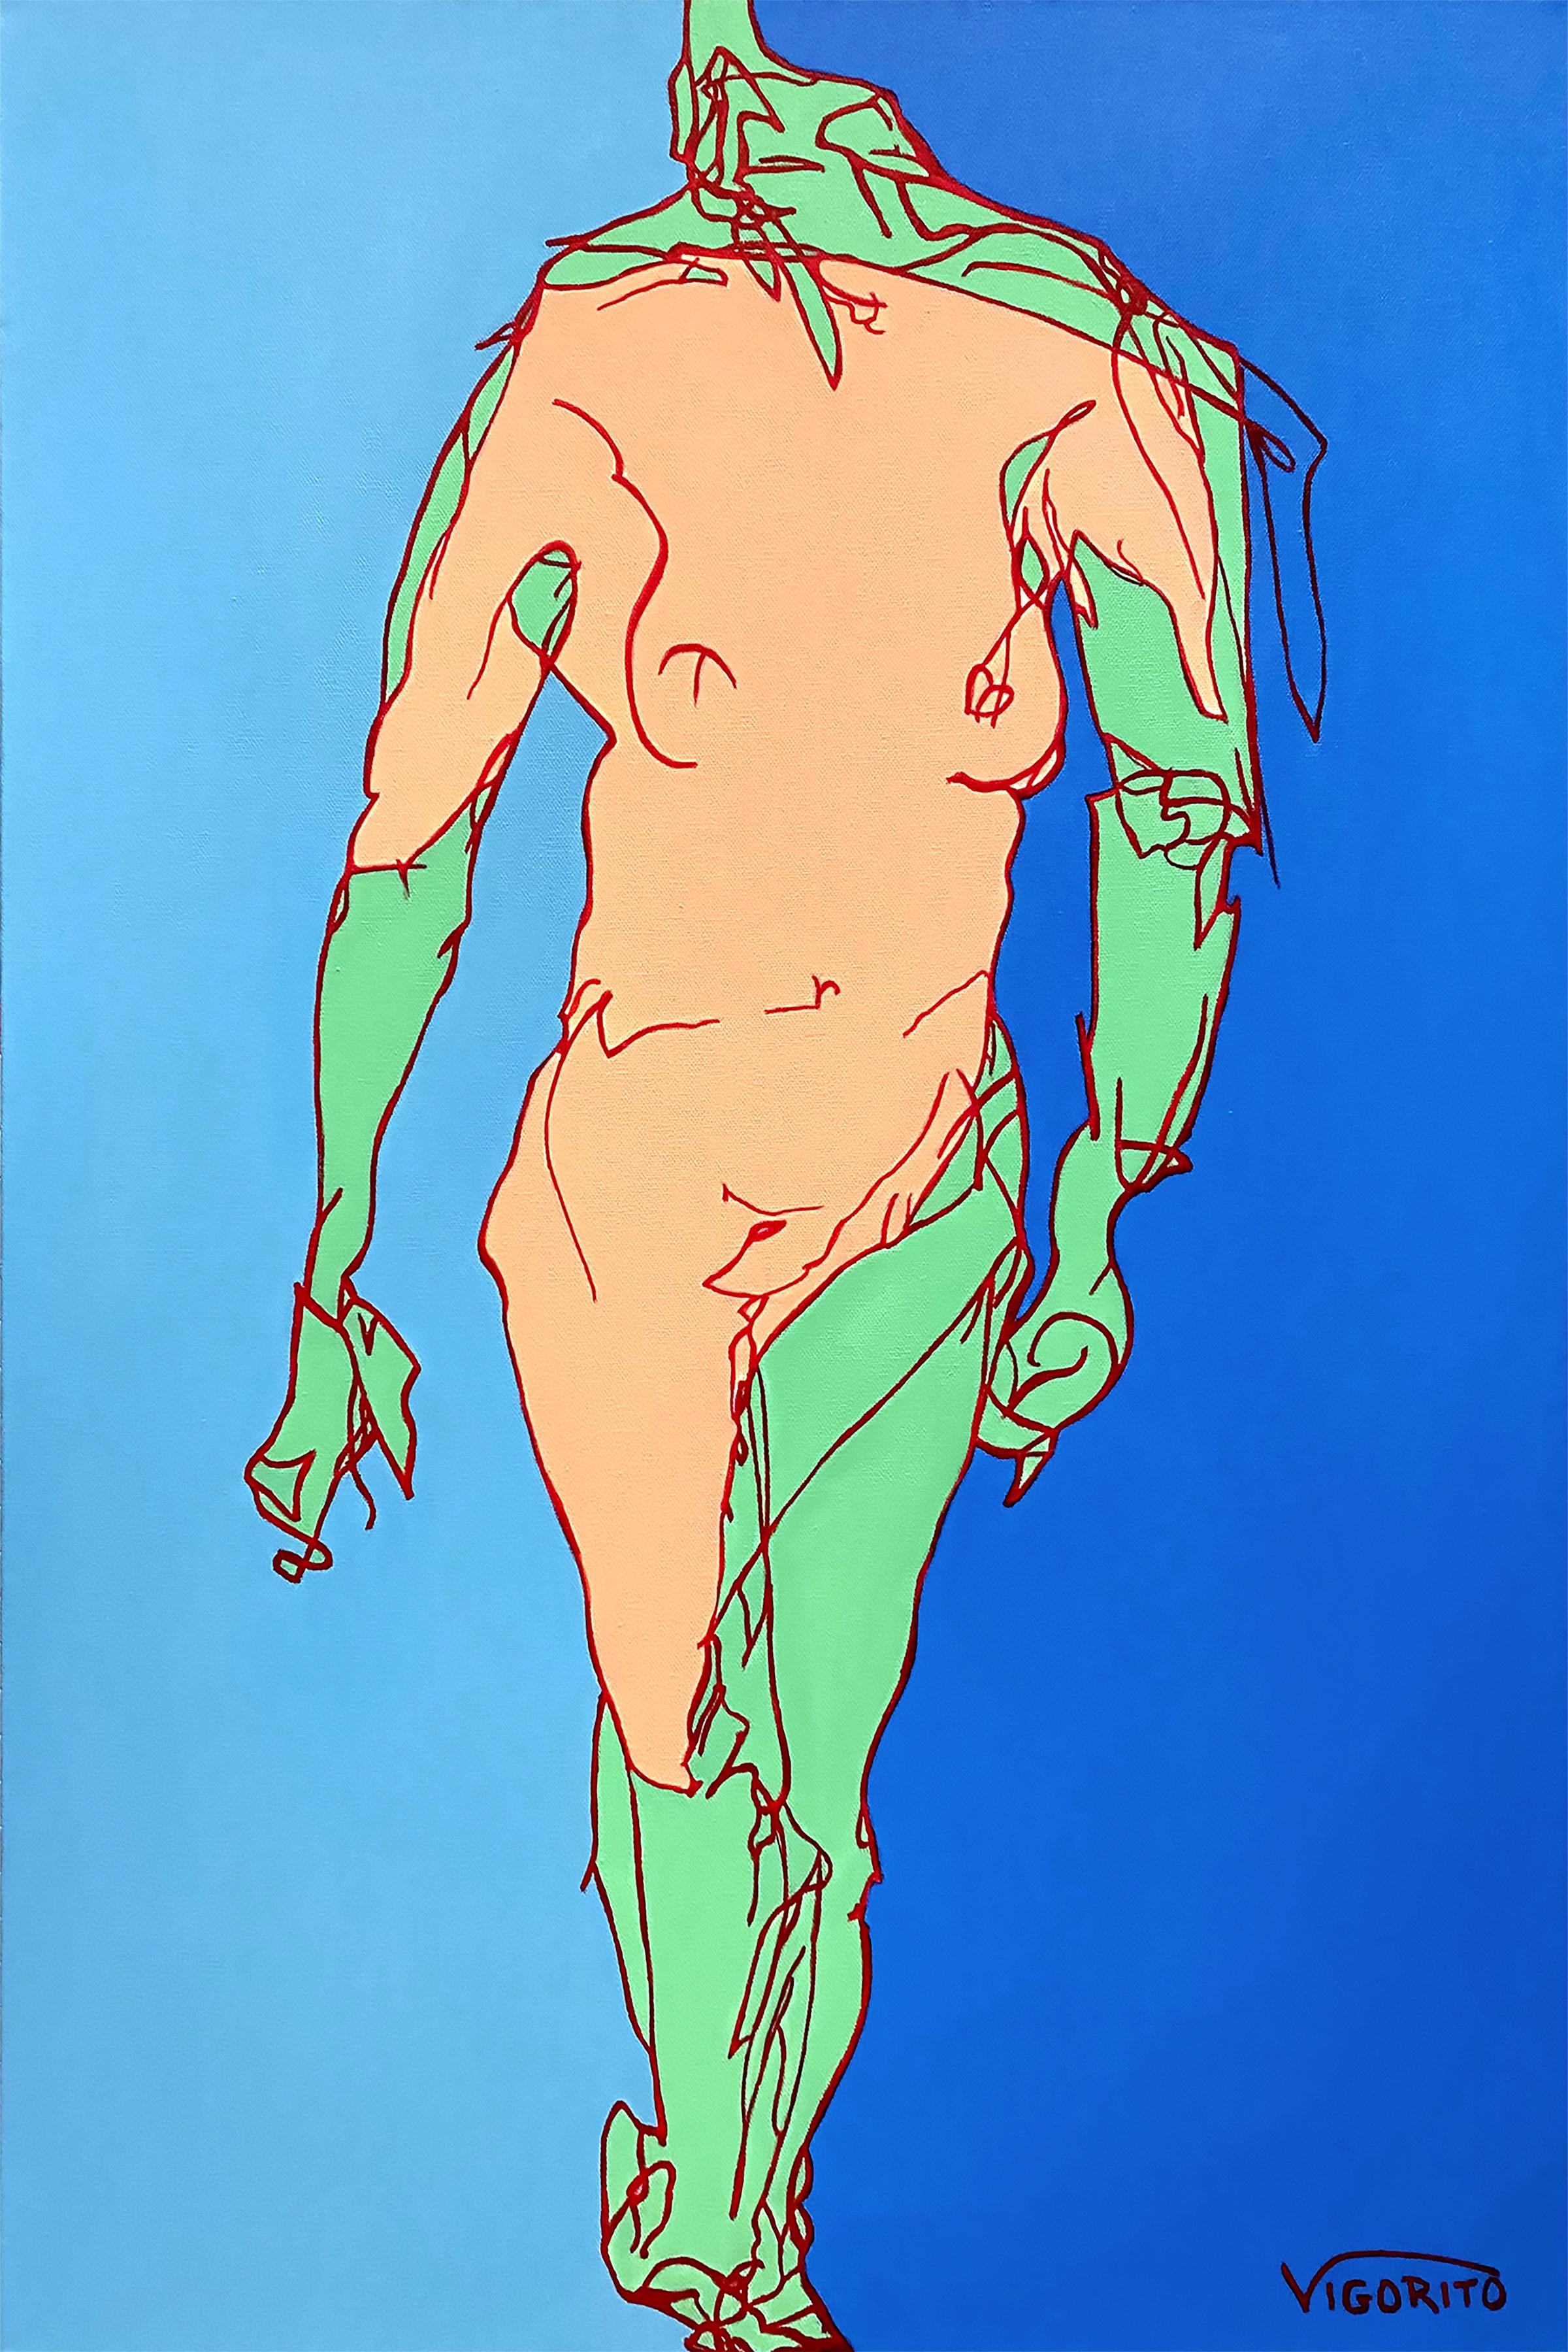 Emergent Figure